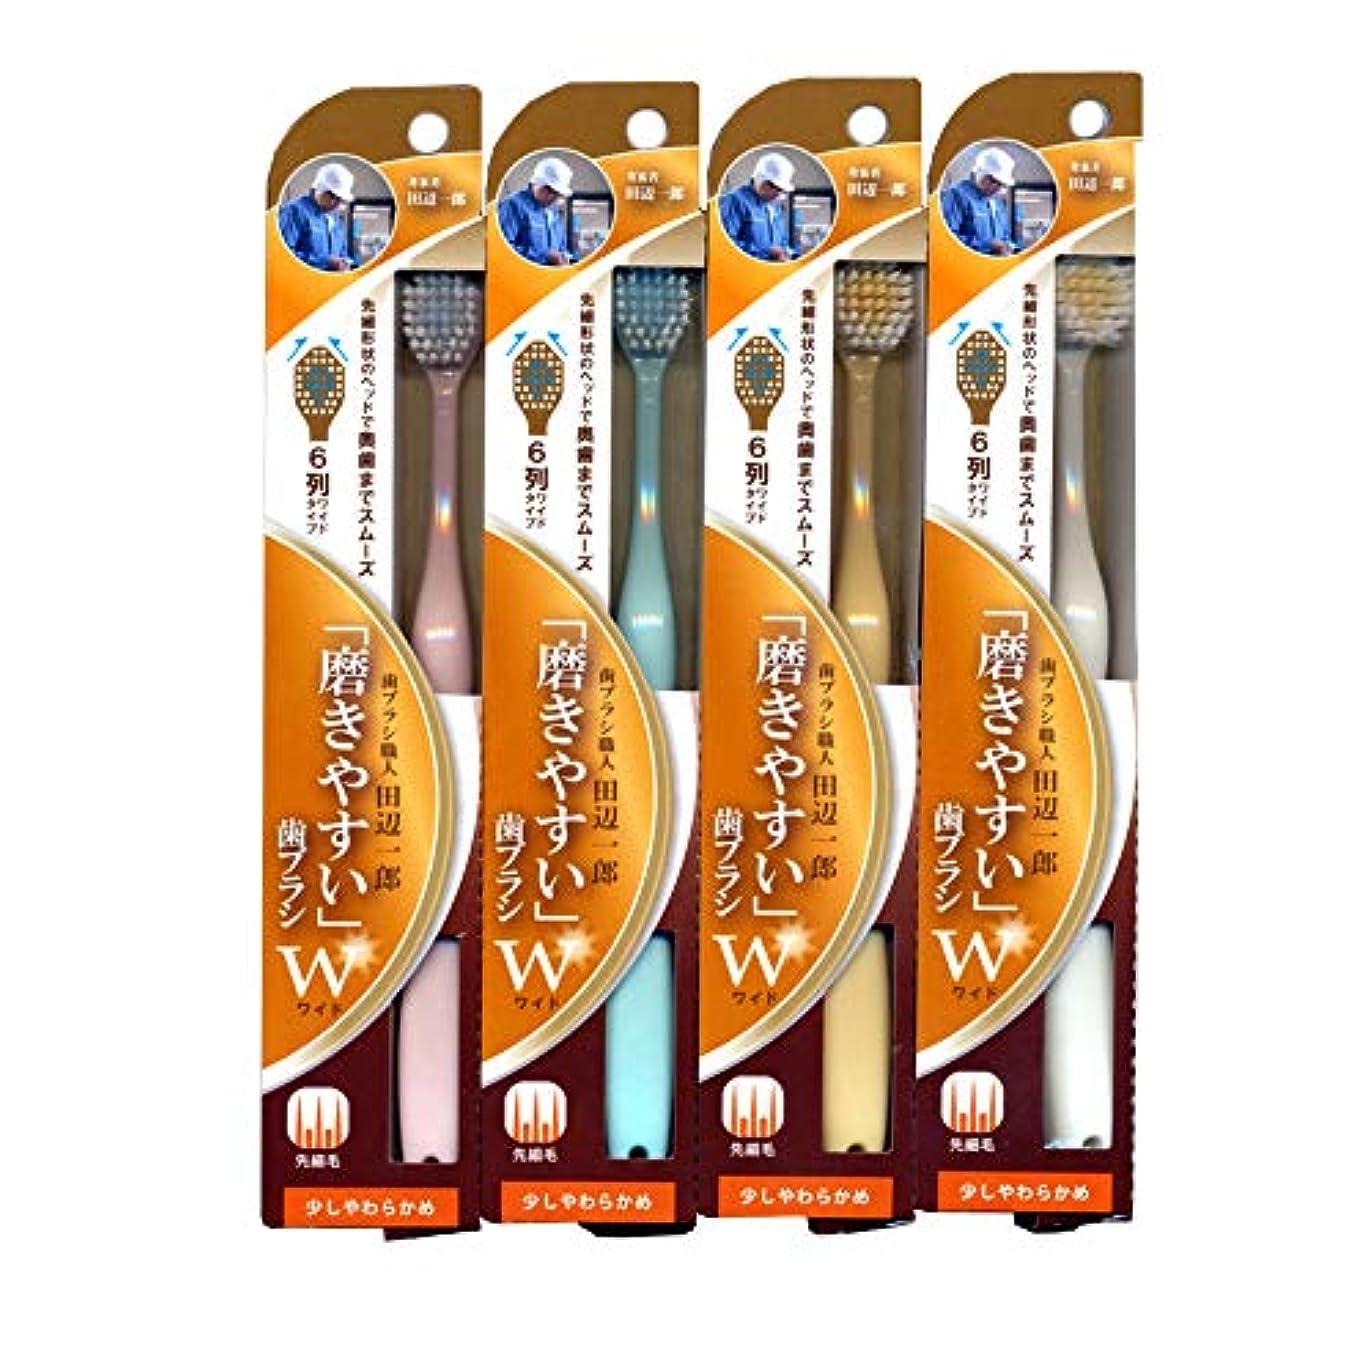 ピューれる自明磨きやすい歯ブラシ (少し柔らかめ) 6列ワイドタイプ LT-46×12本セット (ピンク×3、ブルー×3、ホワイト×3、イエロー×3)(先細毛)